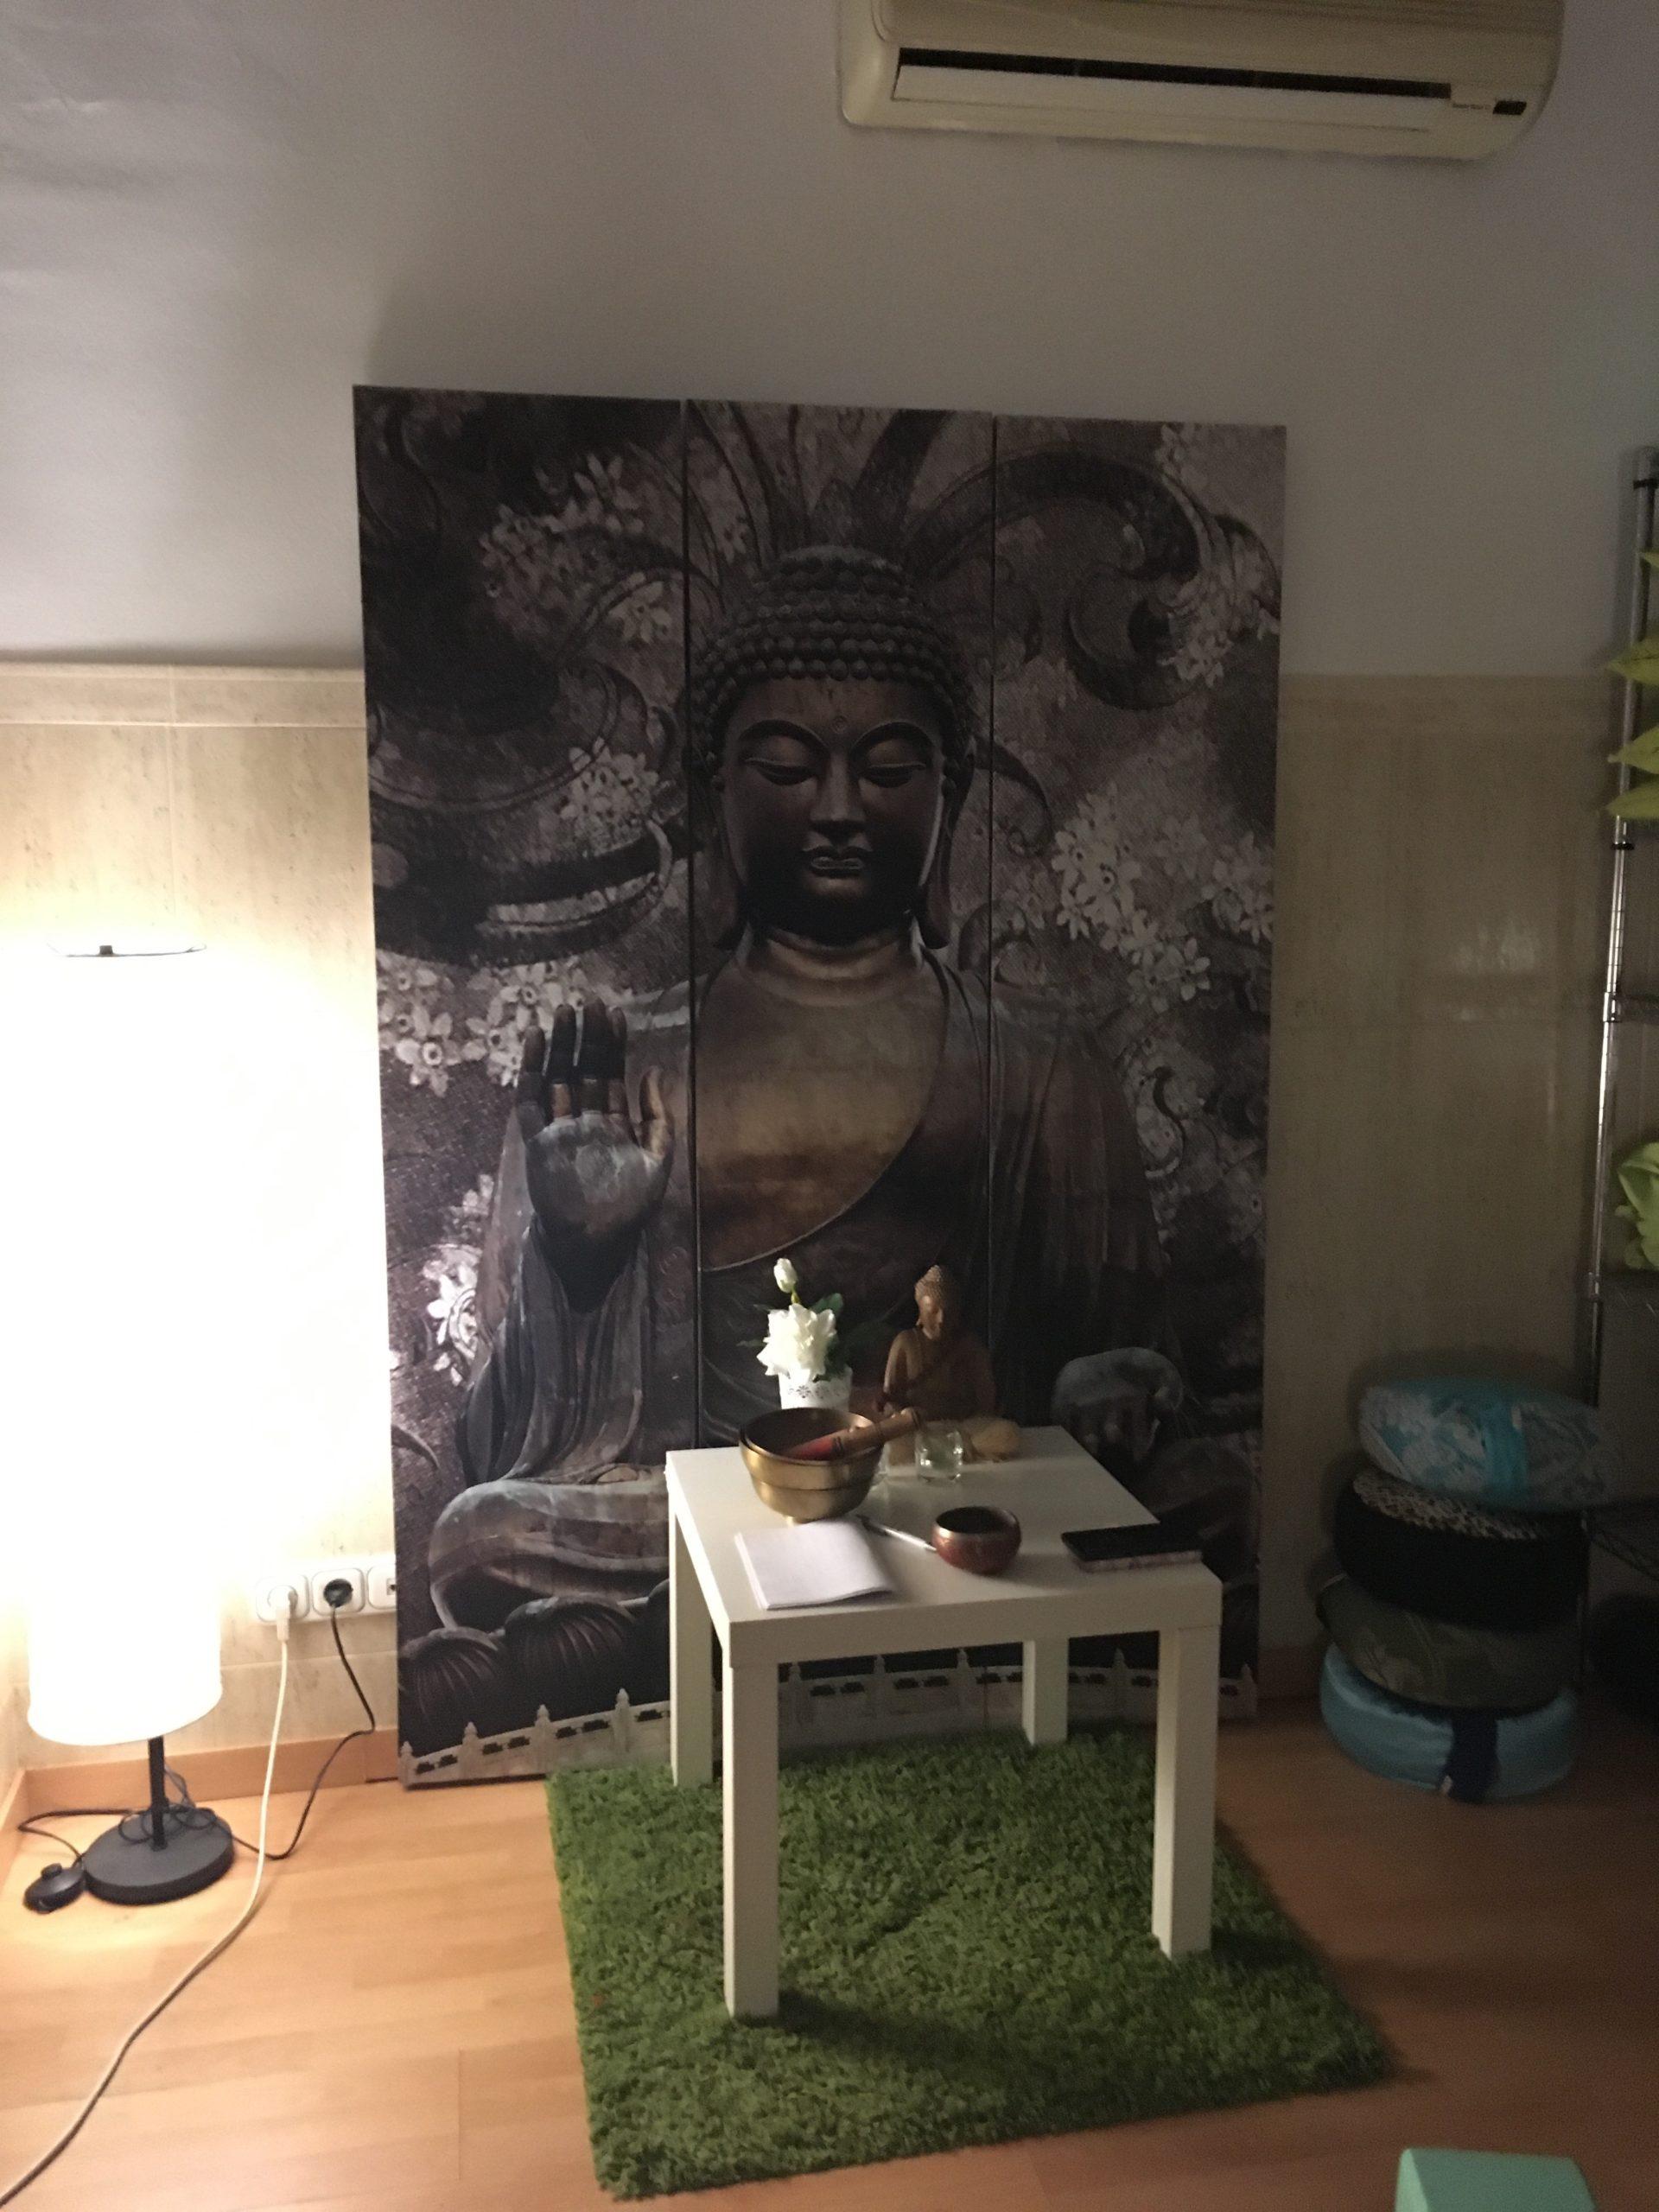 kuida2 Malaga centro meditacion